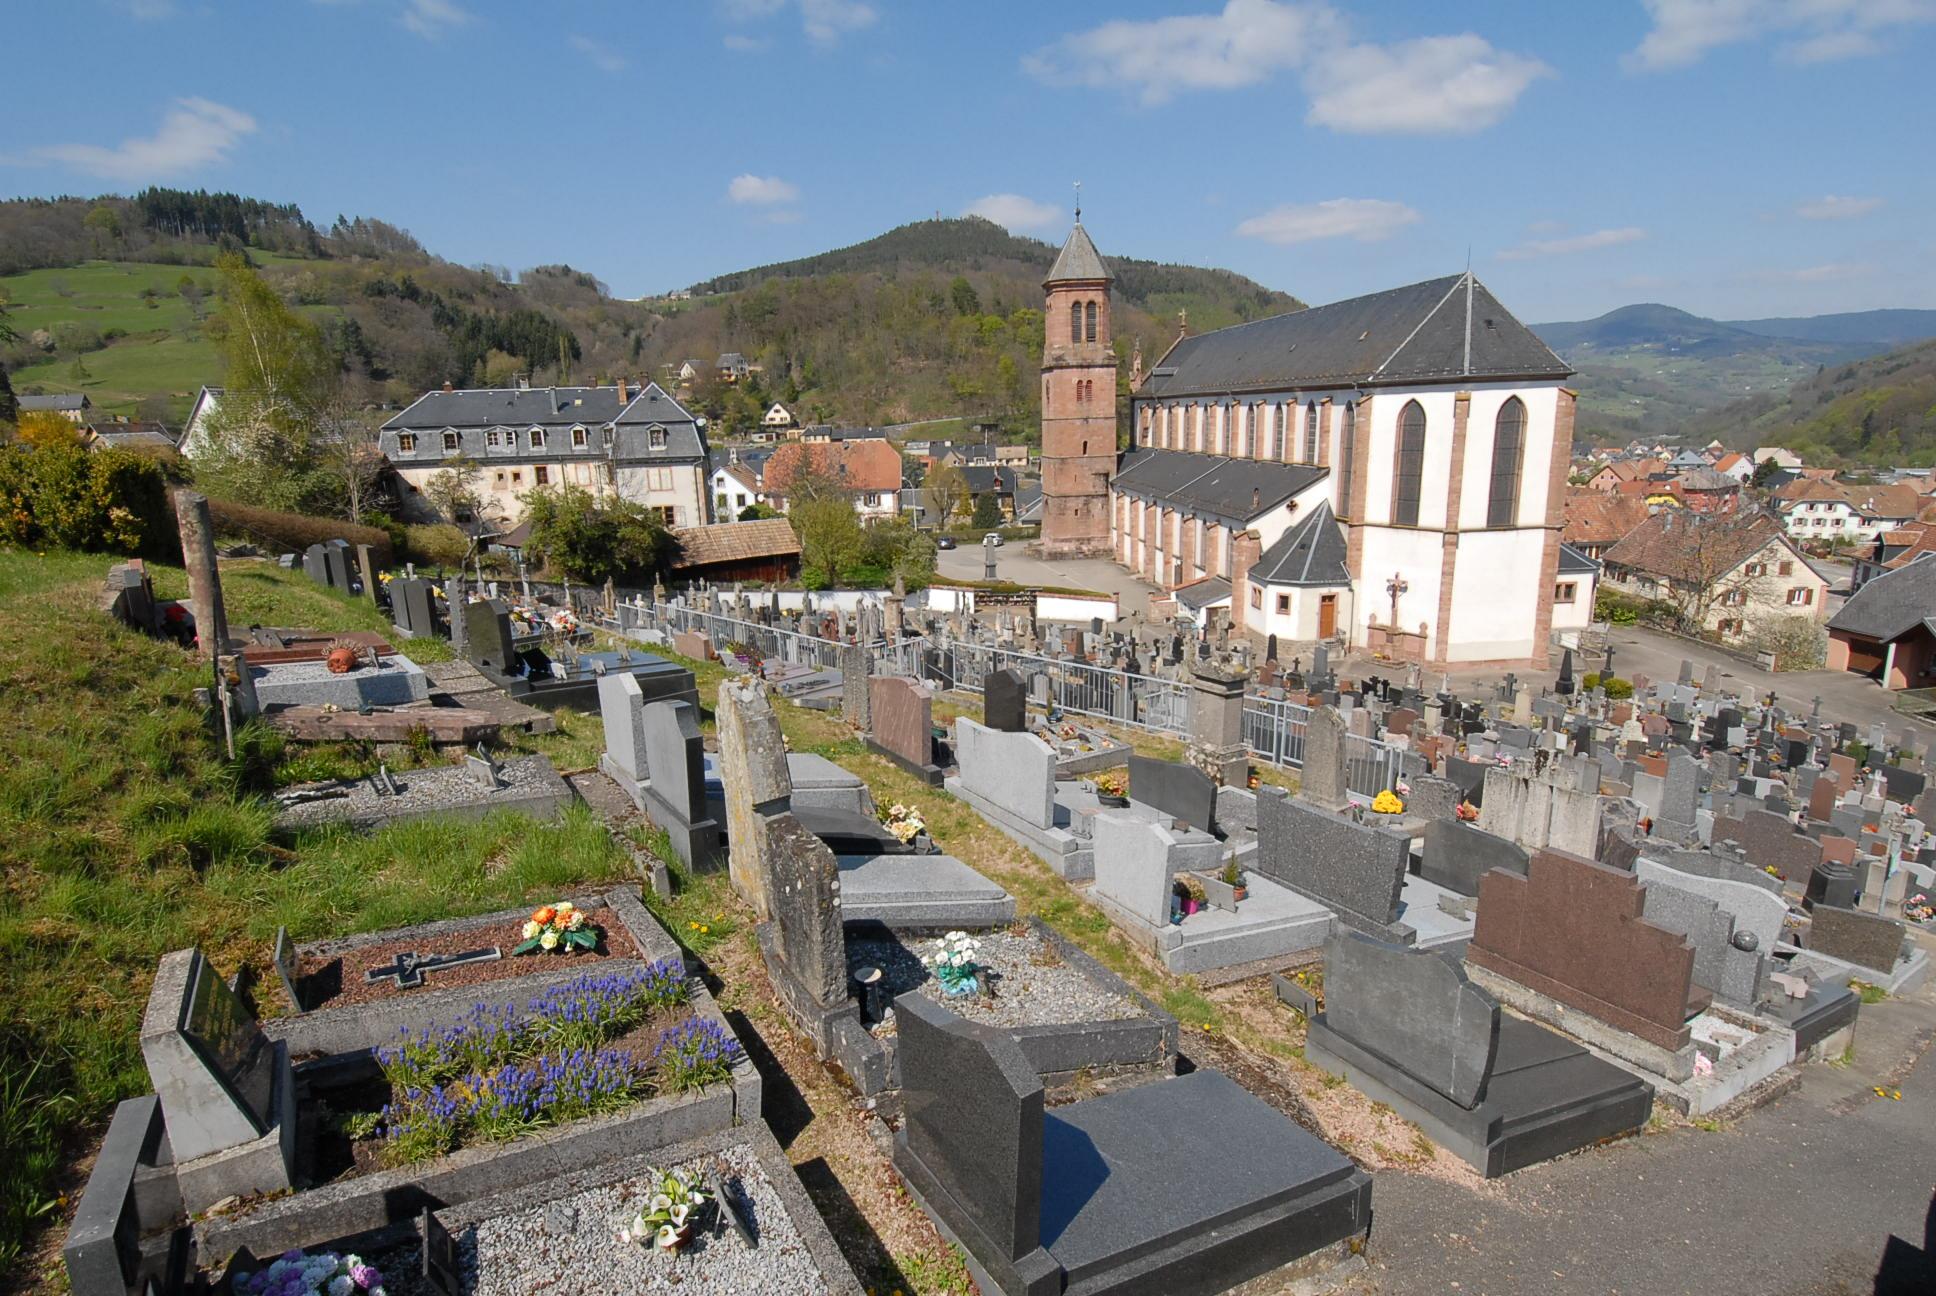 vue contre plongée du Cimetière d'Orbey et son église